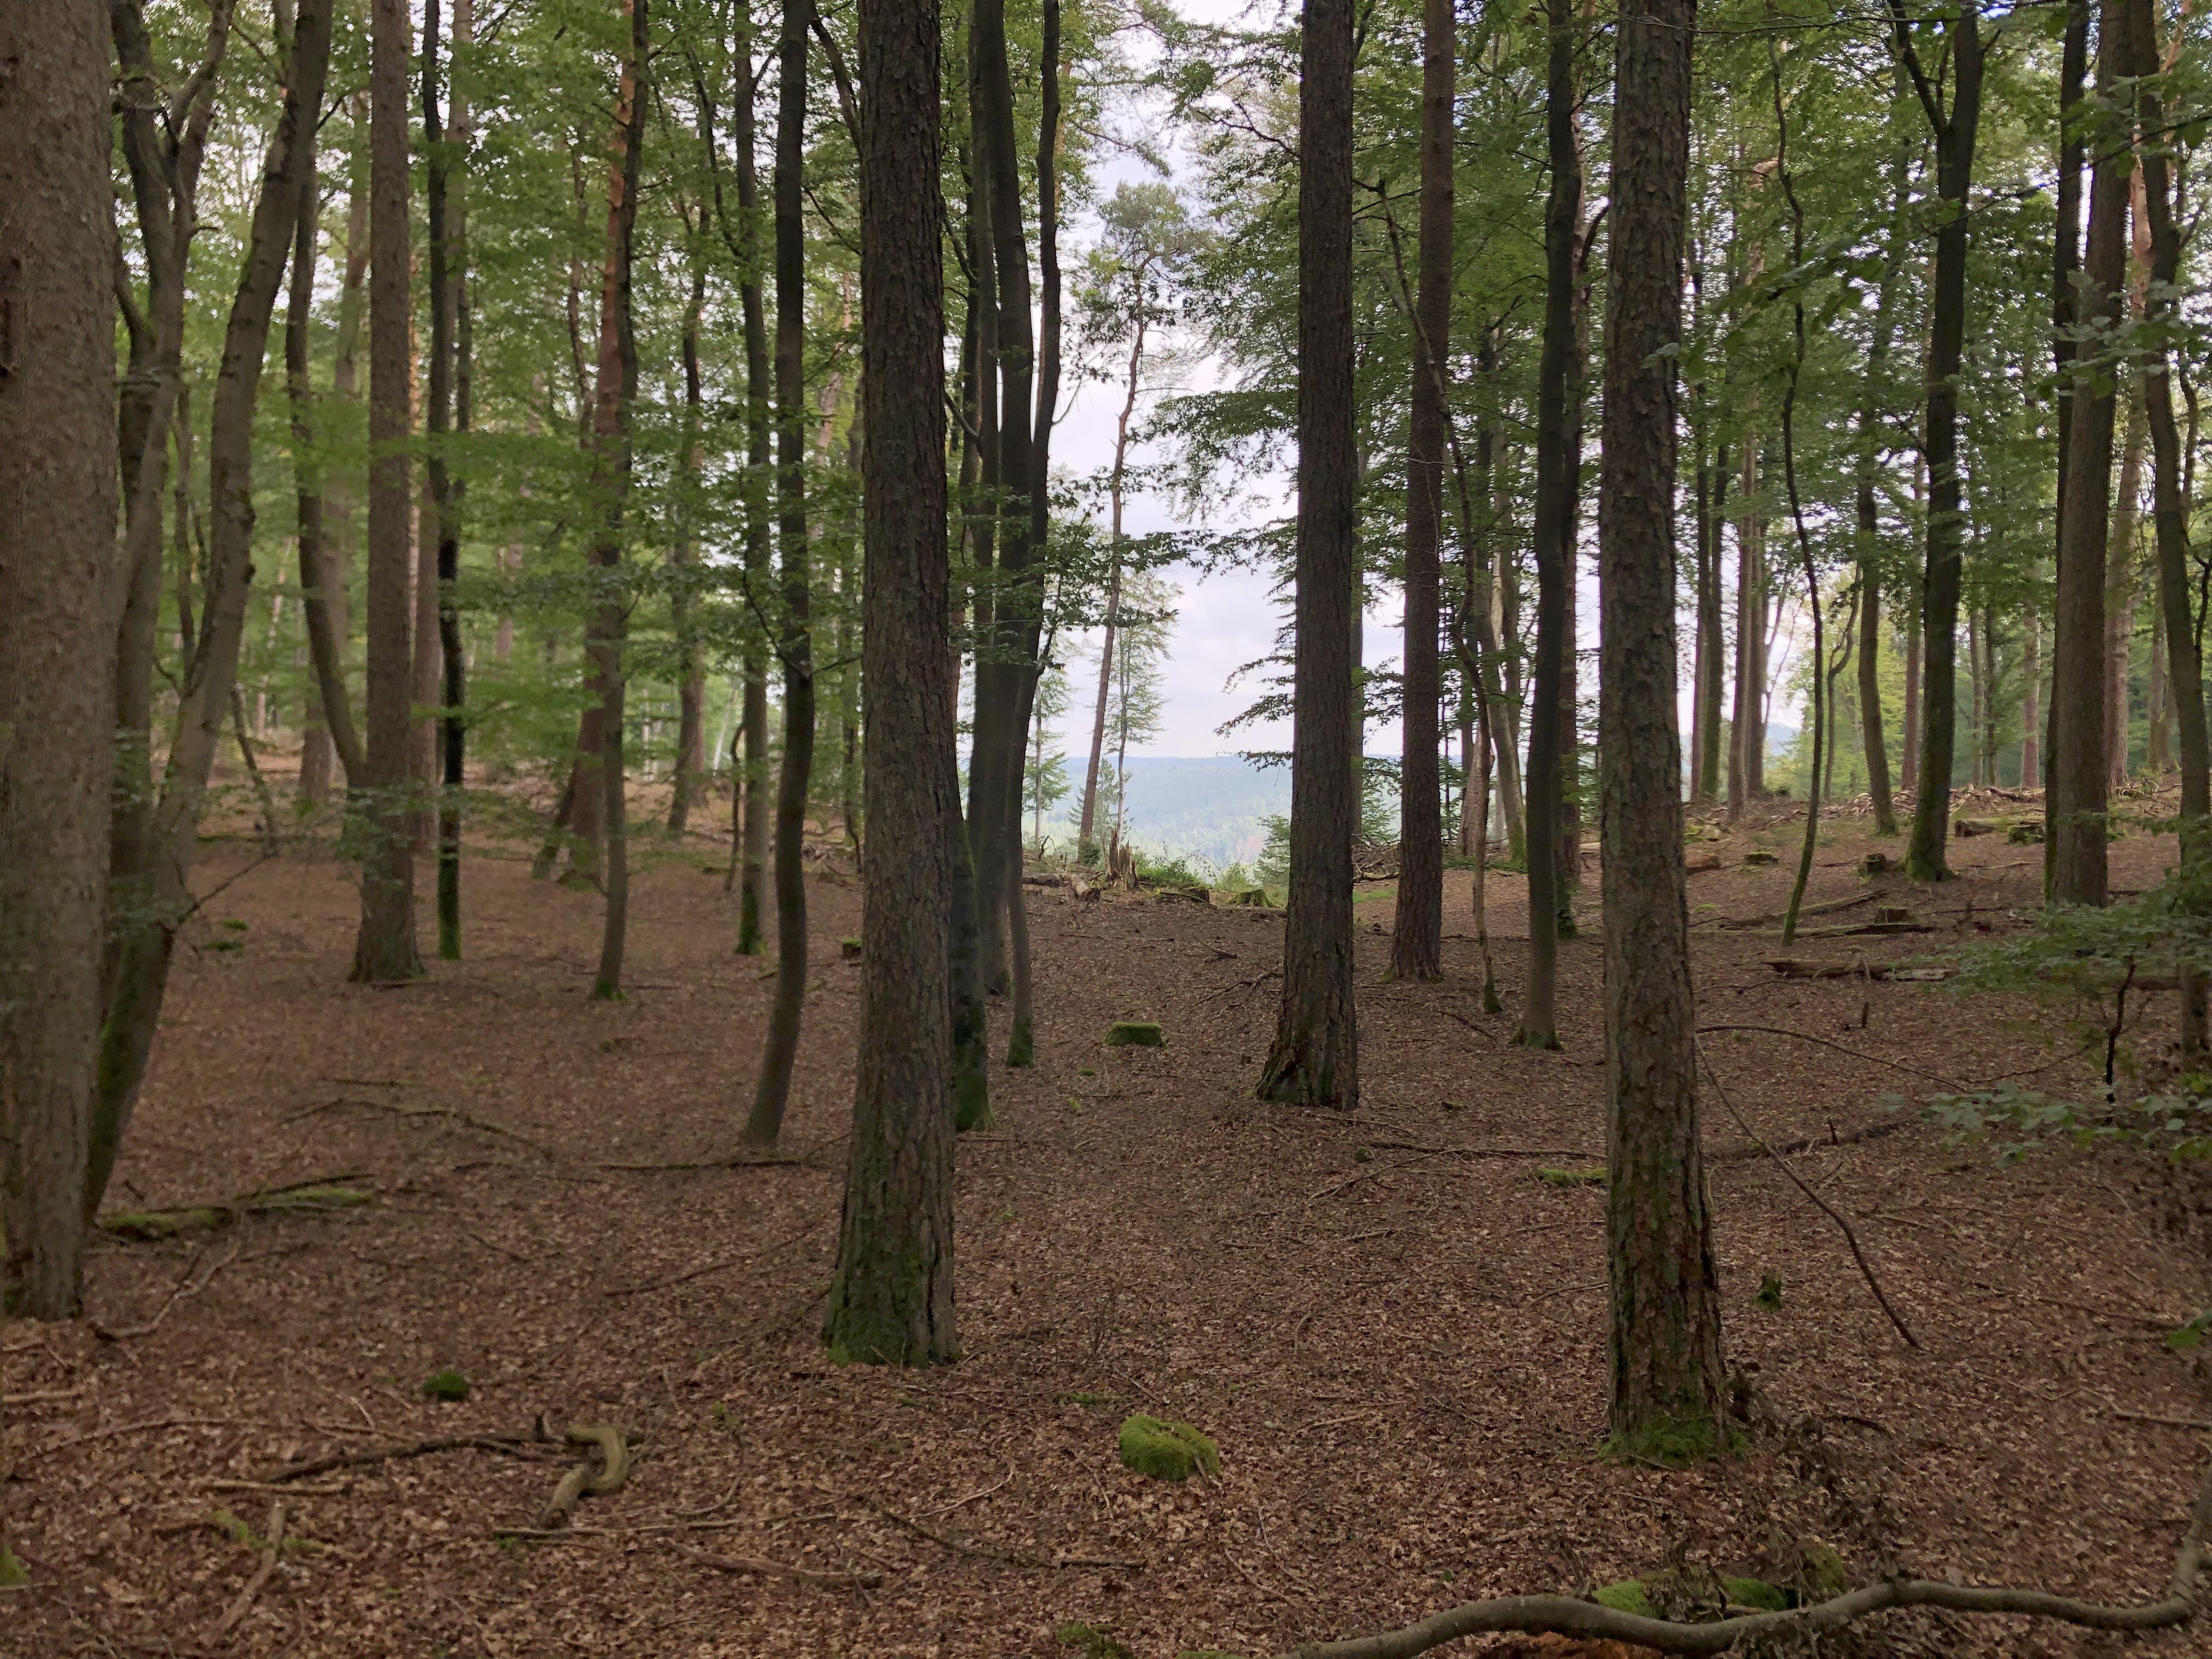 Ausblick durch die Bäume